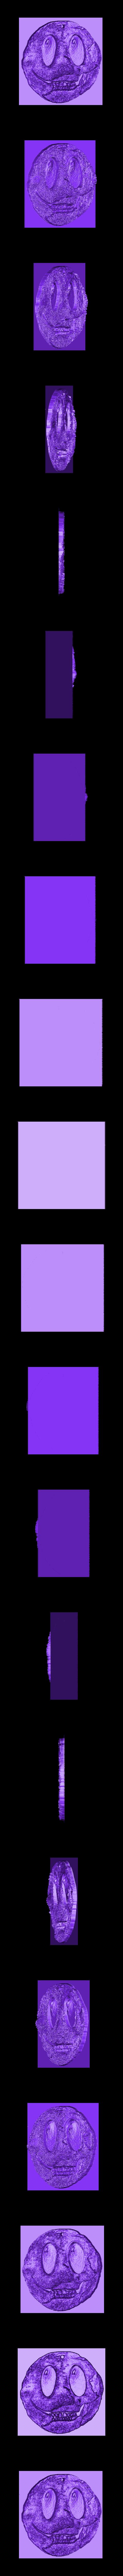 emoji_zombie.stl Télécharger fichier STL gratuit Emoticono ZOMBIE KEYCHAIN • Objet à imprimer en 3D, 3dlito